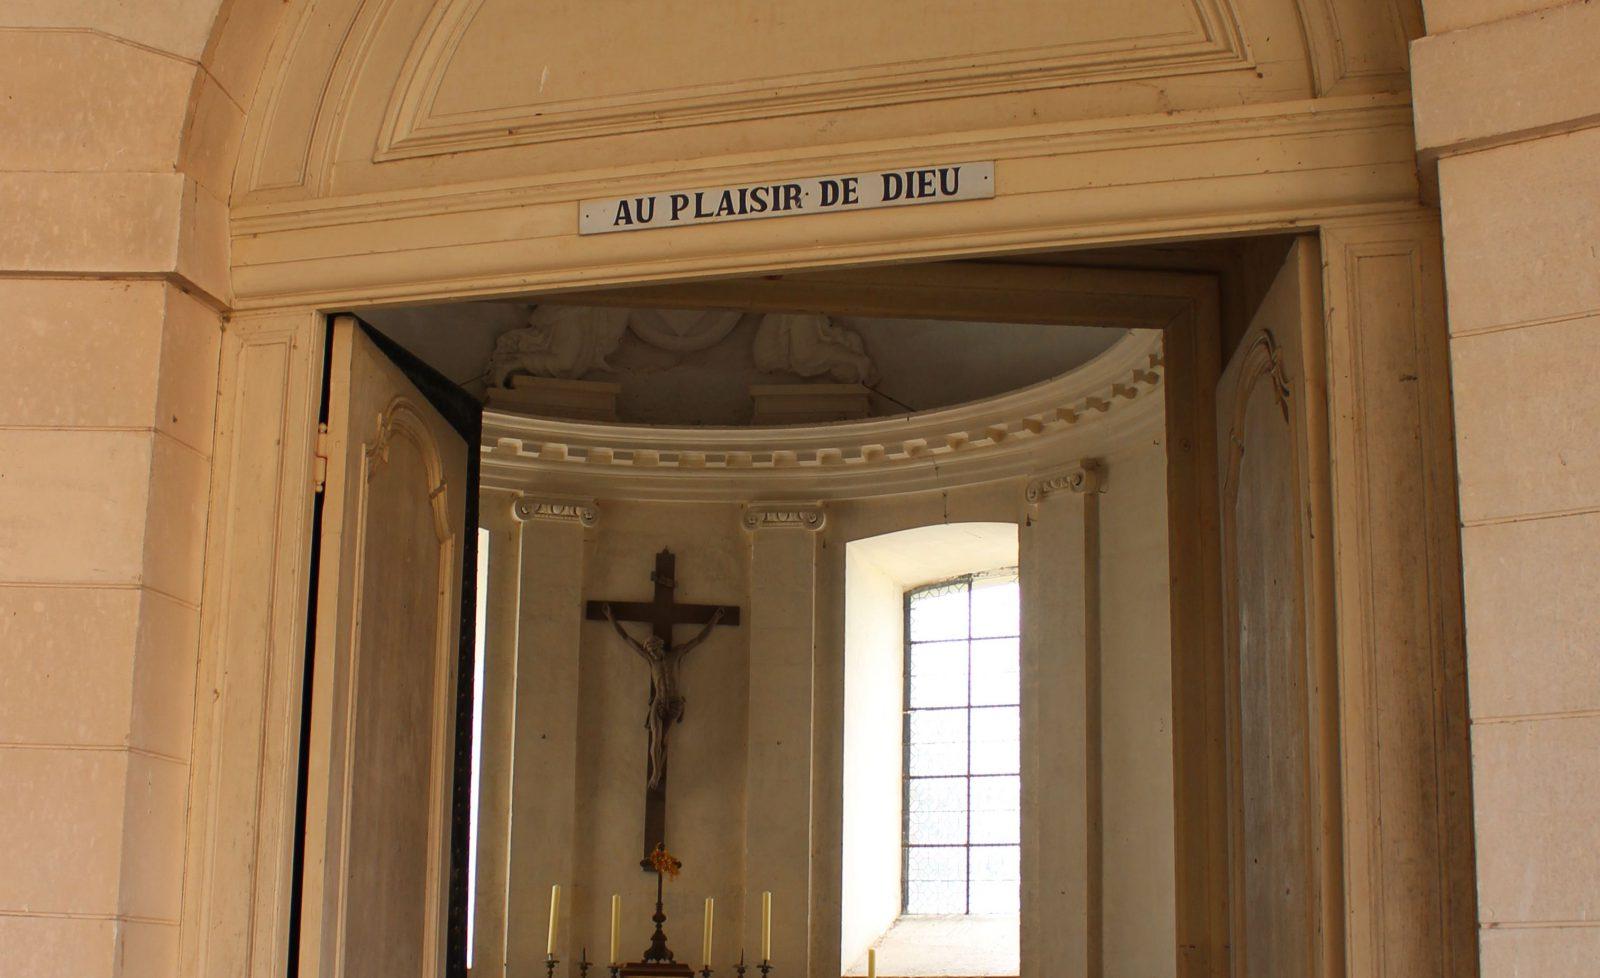 Saint-Fargeauchapelle du château et devise